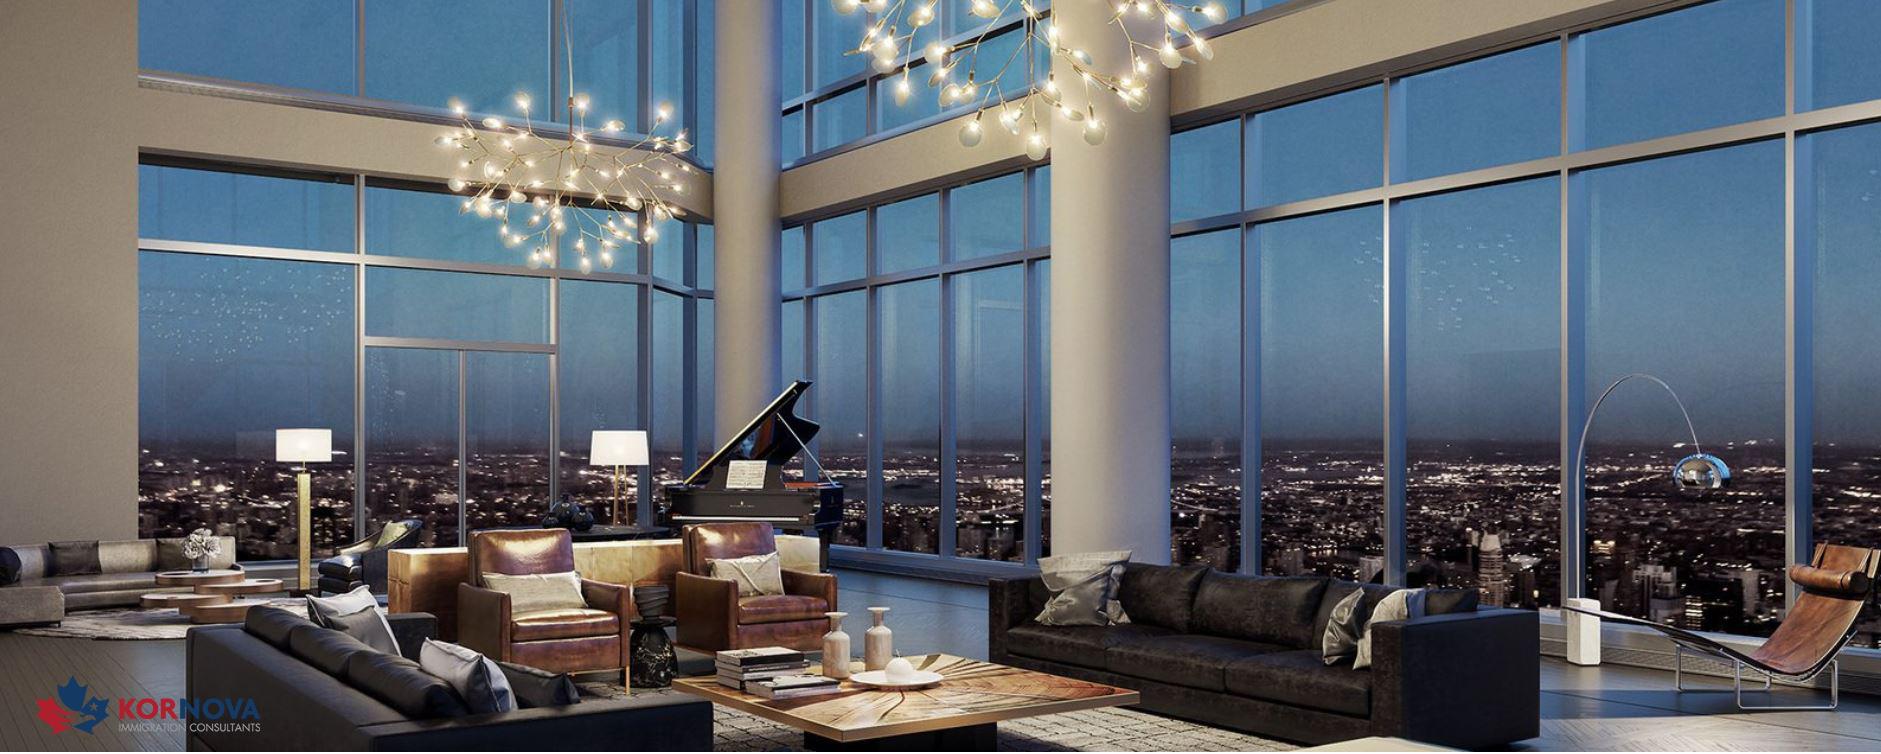 Cập Nhật Xây Dựng Dự Án EB5 Central Park Tower Tháng 07/2020